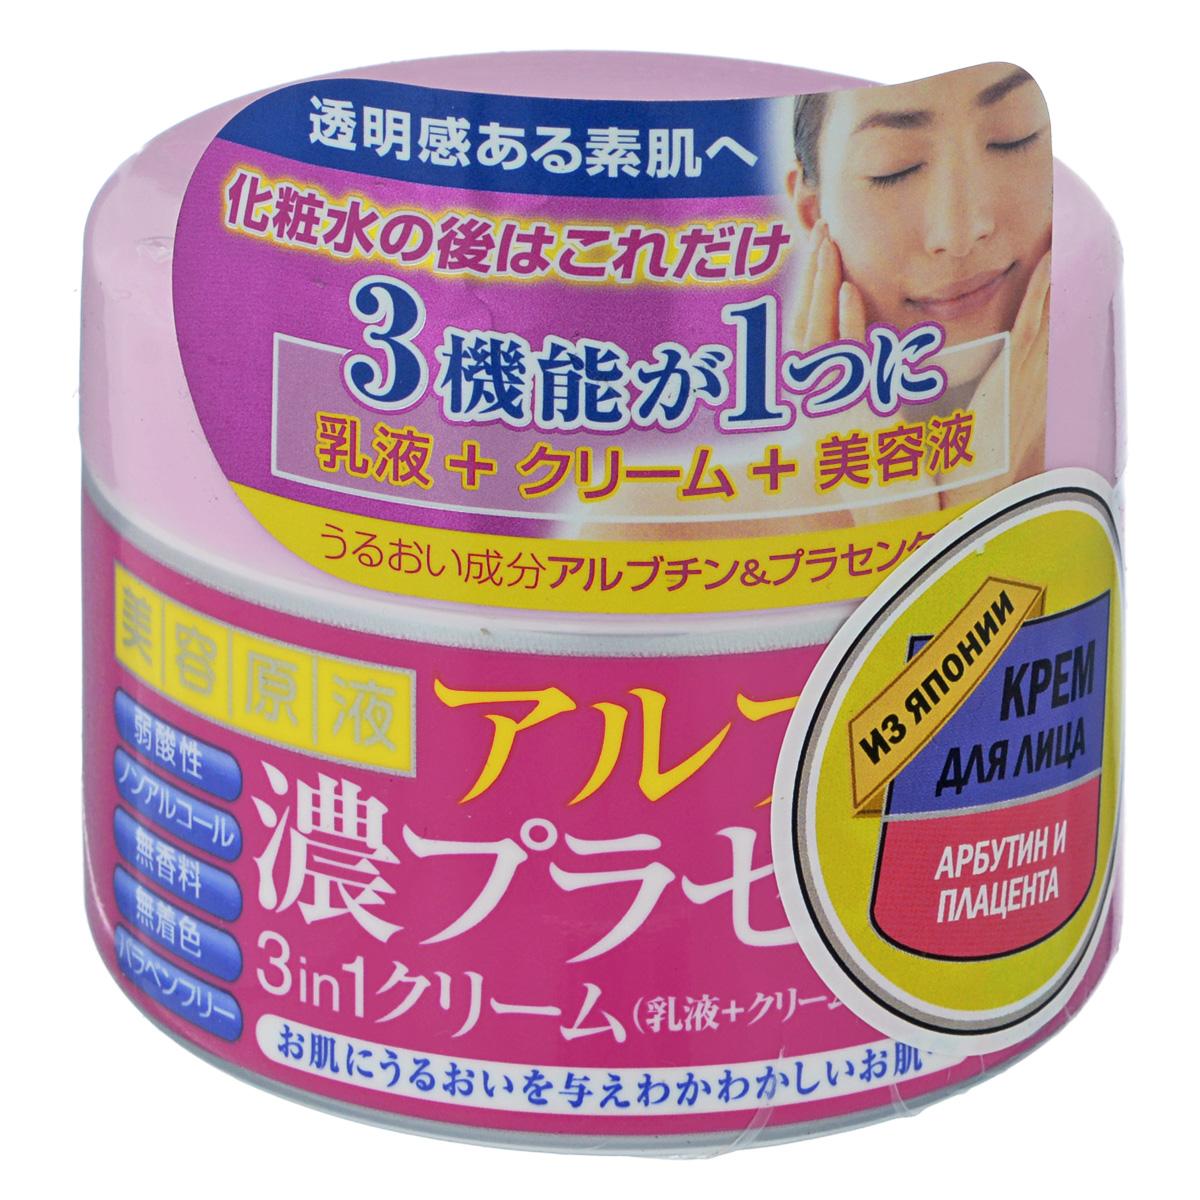 Roland Крем для лица с арбутином и плацентой 180 гр56729Крем легкой текстуры, быстро впитывается. Соединяет в себе функции молочка, крема и сыворотки!Экстракт плаценты - уникальный природный комплекс, содержащий белки, нуклеиновые кислоты, полисахариды, липиды, ферменты, аминокислоты, ненасыщенные жирные кислоты, витамины и микроэлементы. Благодаря экстракту плаценты стимулируется периферический кровоток. Это позволяет улучшить кровоснабжение кожи, при этом из нее выводятся токсины, также активизируется клеточное дыхание, улучшается метаболизм. Экстракт плаценты позволяет поднять меланин из глубоких слоев на поверхность кожи, откуда он удаляется при отшелушивании вместе с кератином. Выжимка из плаценты имеет противовоспалительные свойства, экстракт снижает воспаление, полученное от длительного воздействия солнечных лучей.Арбутин - проникая глубоко в кожу, арбутин подавляет активность меланоцитов - особых клеток, которые вырабатывают пигменты, придающие коже коричневый цвет. Отбеливание, увлажнение, противовоспалительное действие.- Без парабенов- Без ароматизаторов- Без красителей- Без спиртов- НизкокислотныйРезультат: кожа сияет здоровьем, выравнивается цвет лица.Способ применения: нанесите необходимое количество крема на руки и аккуратно распределите по лицу по массажным линиям, слегка вбивая подушечками пальцев.Состав: вода, глицерин, сквалан, стеариновая кислота, стеариловый спирт, триглицерил (каприловой кислоты / каприновой кислоты), арбутин, экстракт плаценты, масло ши, стеаратглицерил, цетеариловый спирт, гидроксид K, диметикон, ксантановая камедь, ЭДТА-3NA, полисорбат 60, BG, феноксиэтанол, метилизотиазолинон